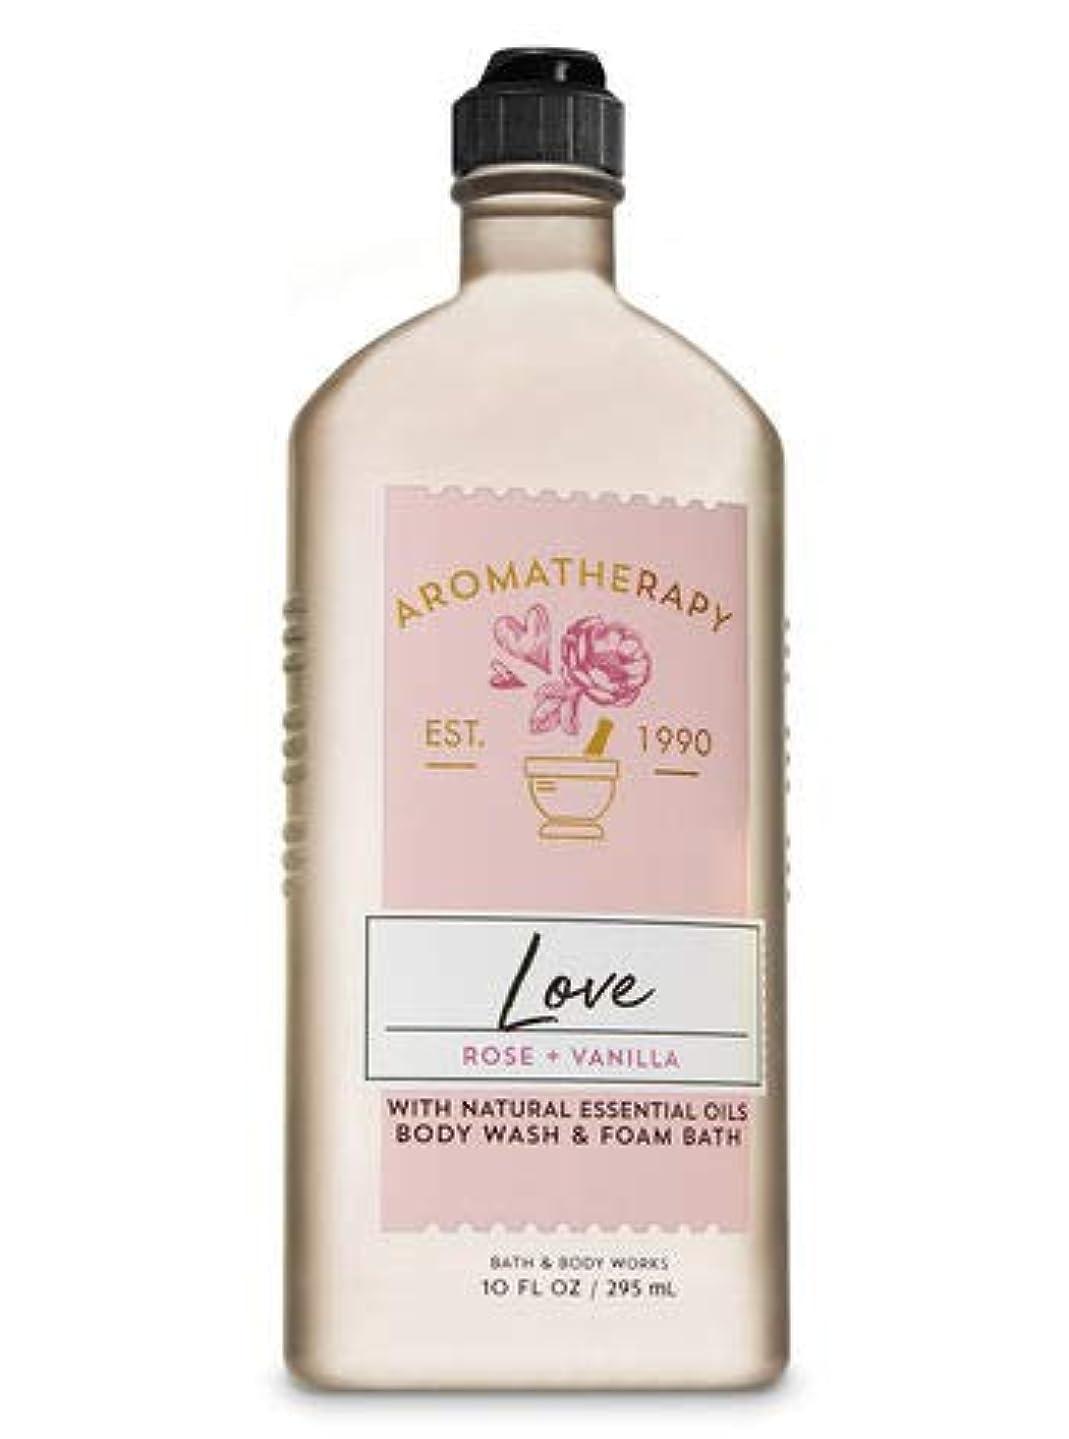 スキル突進モック【Bath&Body Works/バス&ボディワークス】 ボディウォッシュ&フォームバス アロマセラピー ラブ ローズ&バニラ Body Wash & Foam Bath Aromatherapy Love Rose &...